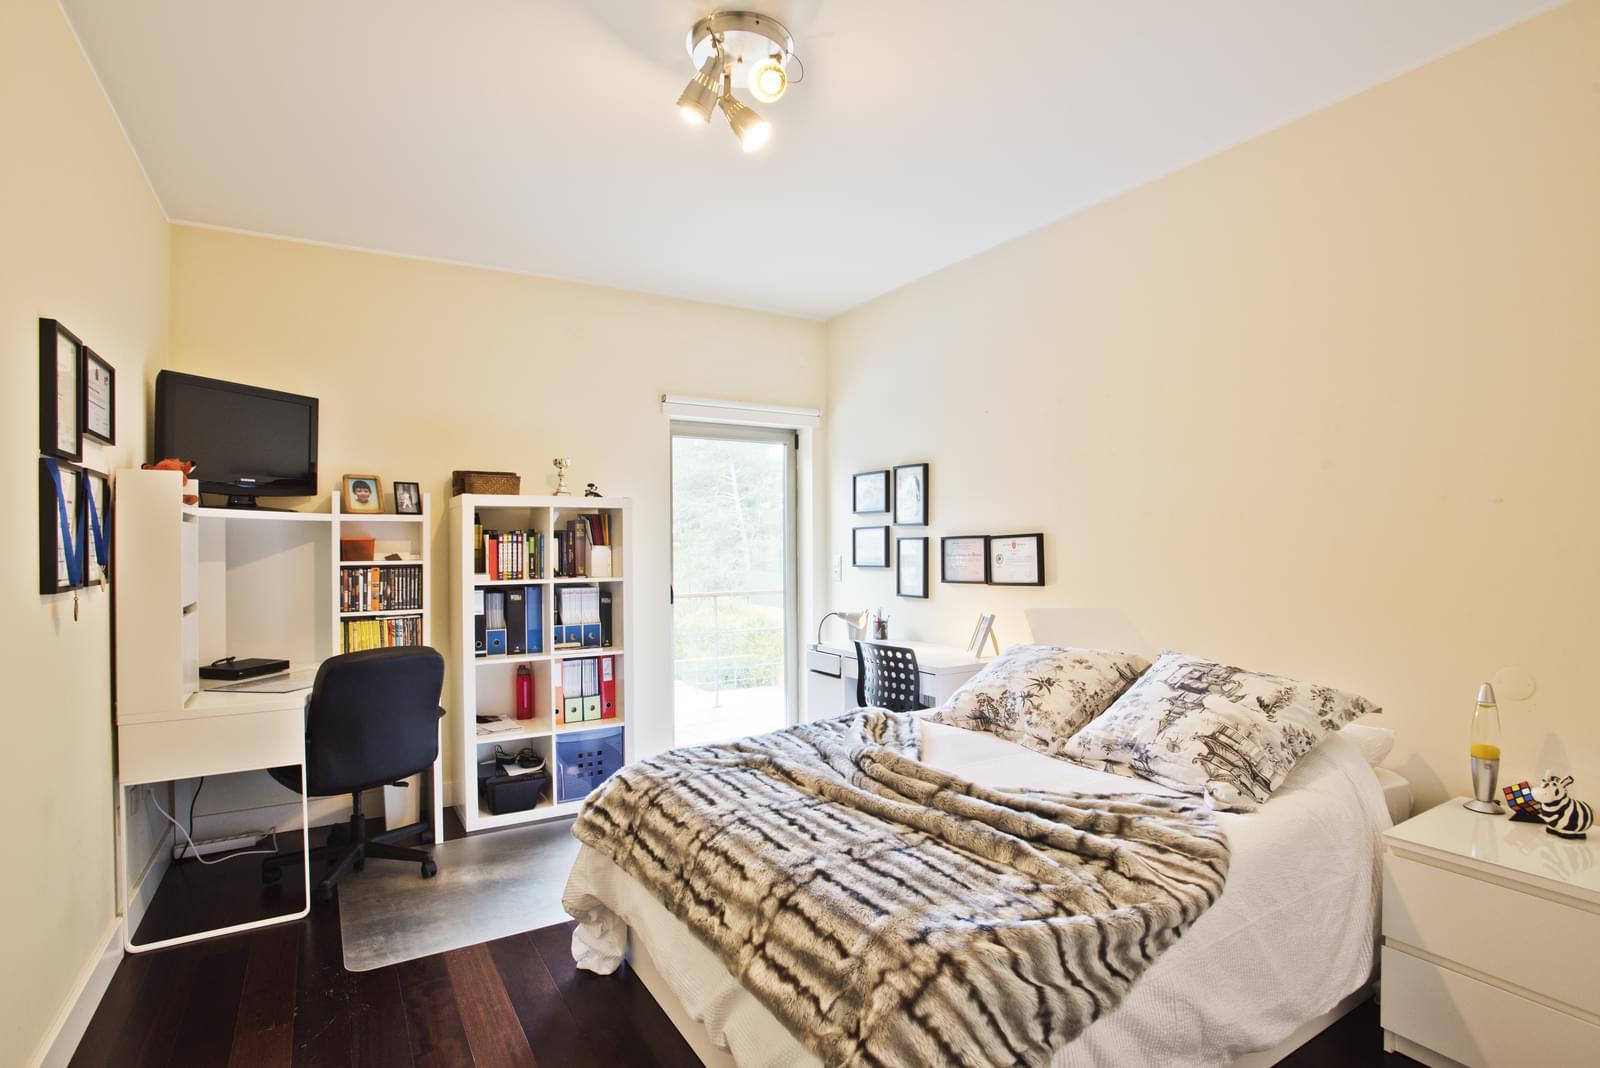 pf16902-apartamento-t3-cascais-04c75c5b-04e9-46ab-9b36-88c248bdb859